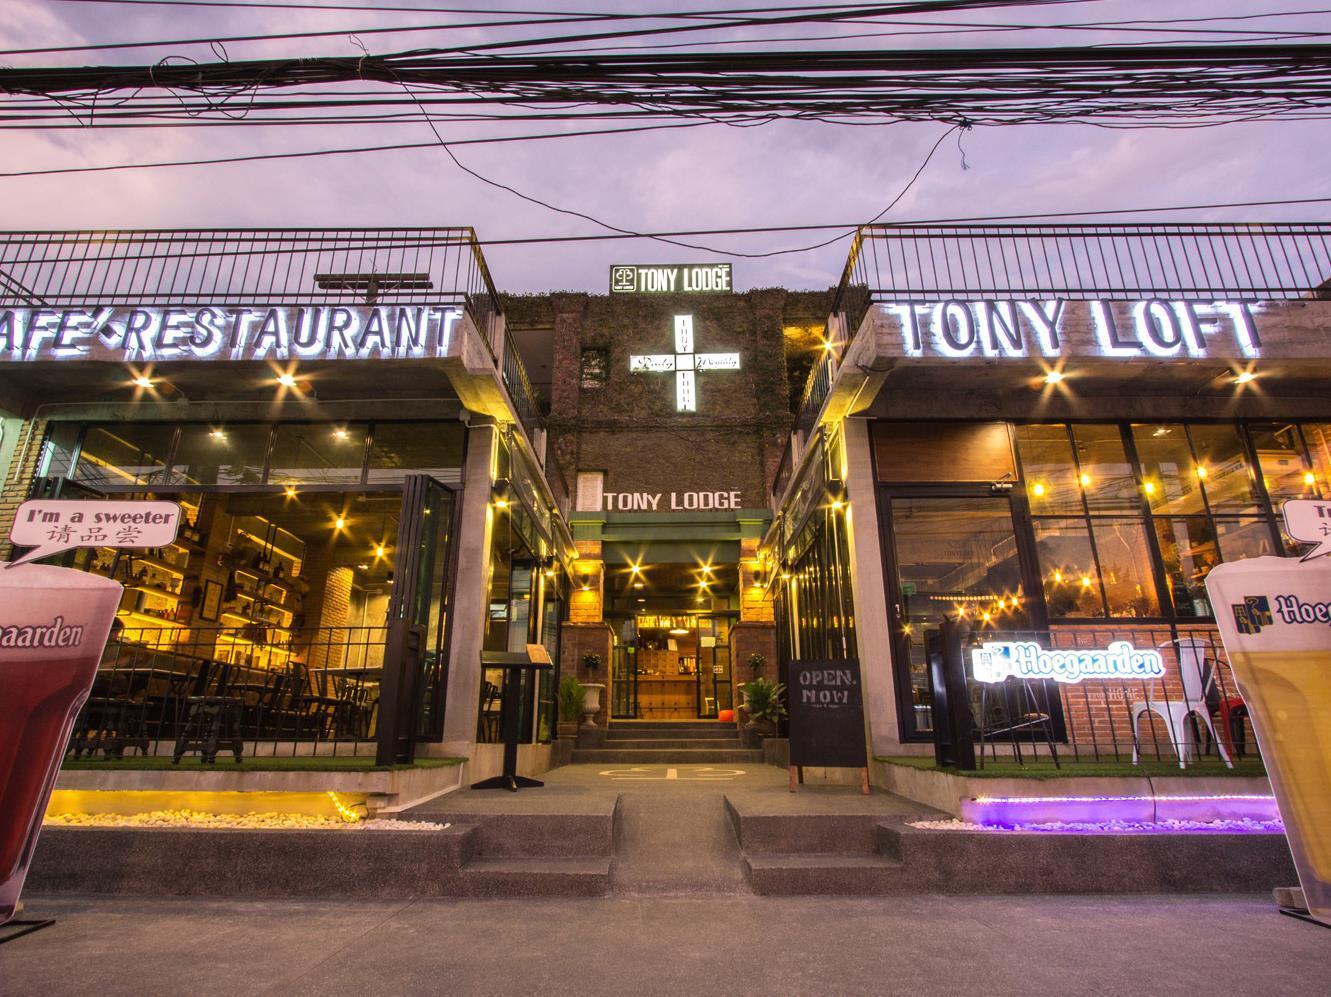 โทนี ลอดจ์ - Tony Lodge